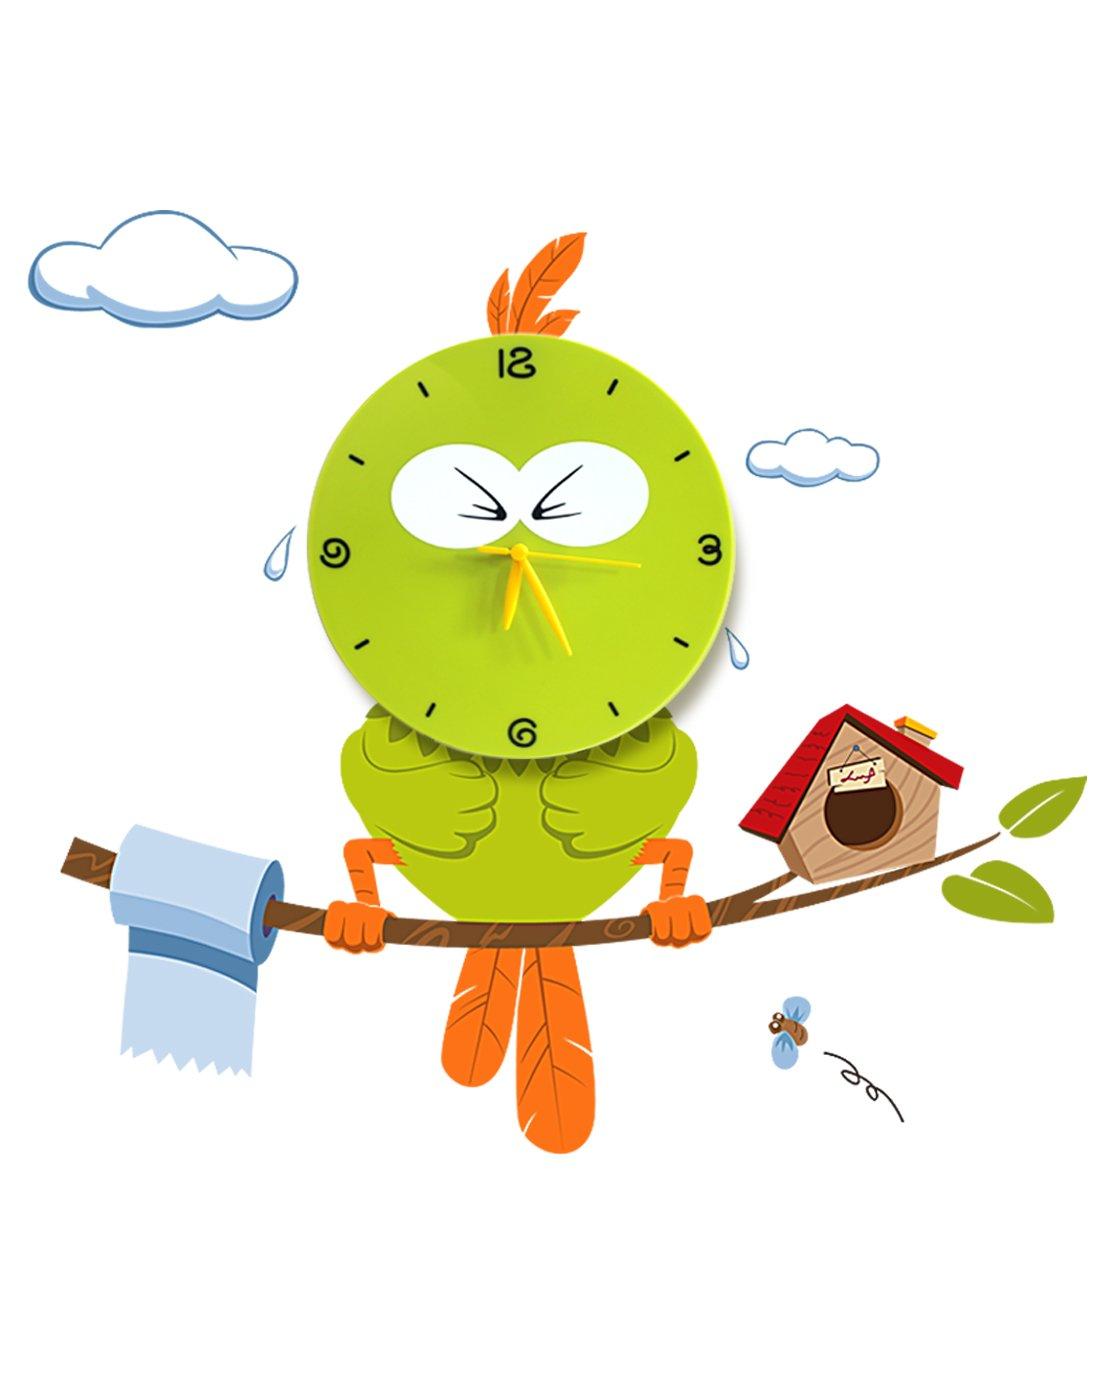 Cute Wall Clocks Cartoon Sticker Large Decorative Wall Clocks Kids Bedroom Children Home Decor Big Kids DIY Wall Clock Reloj